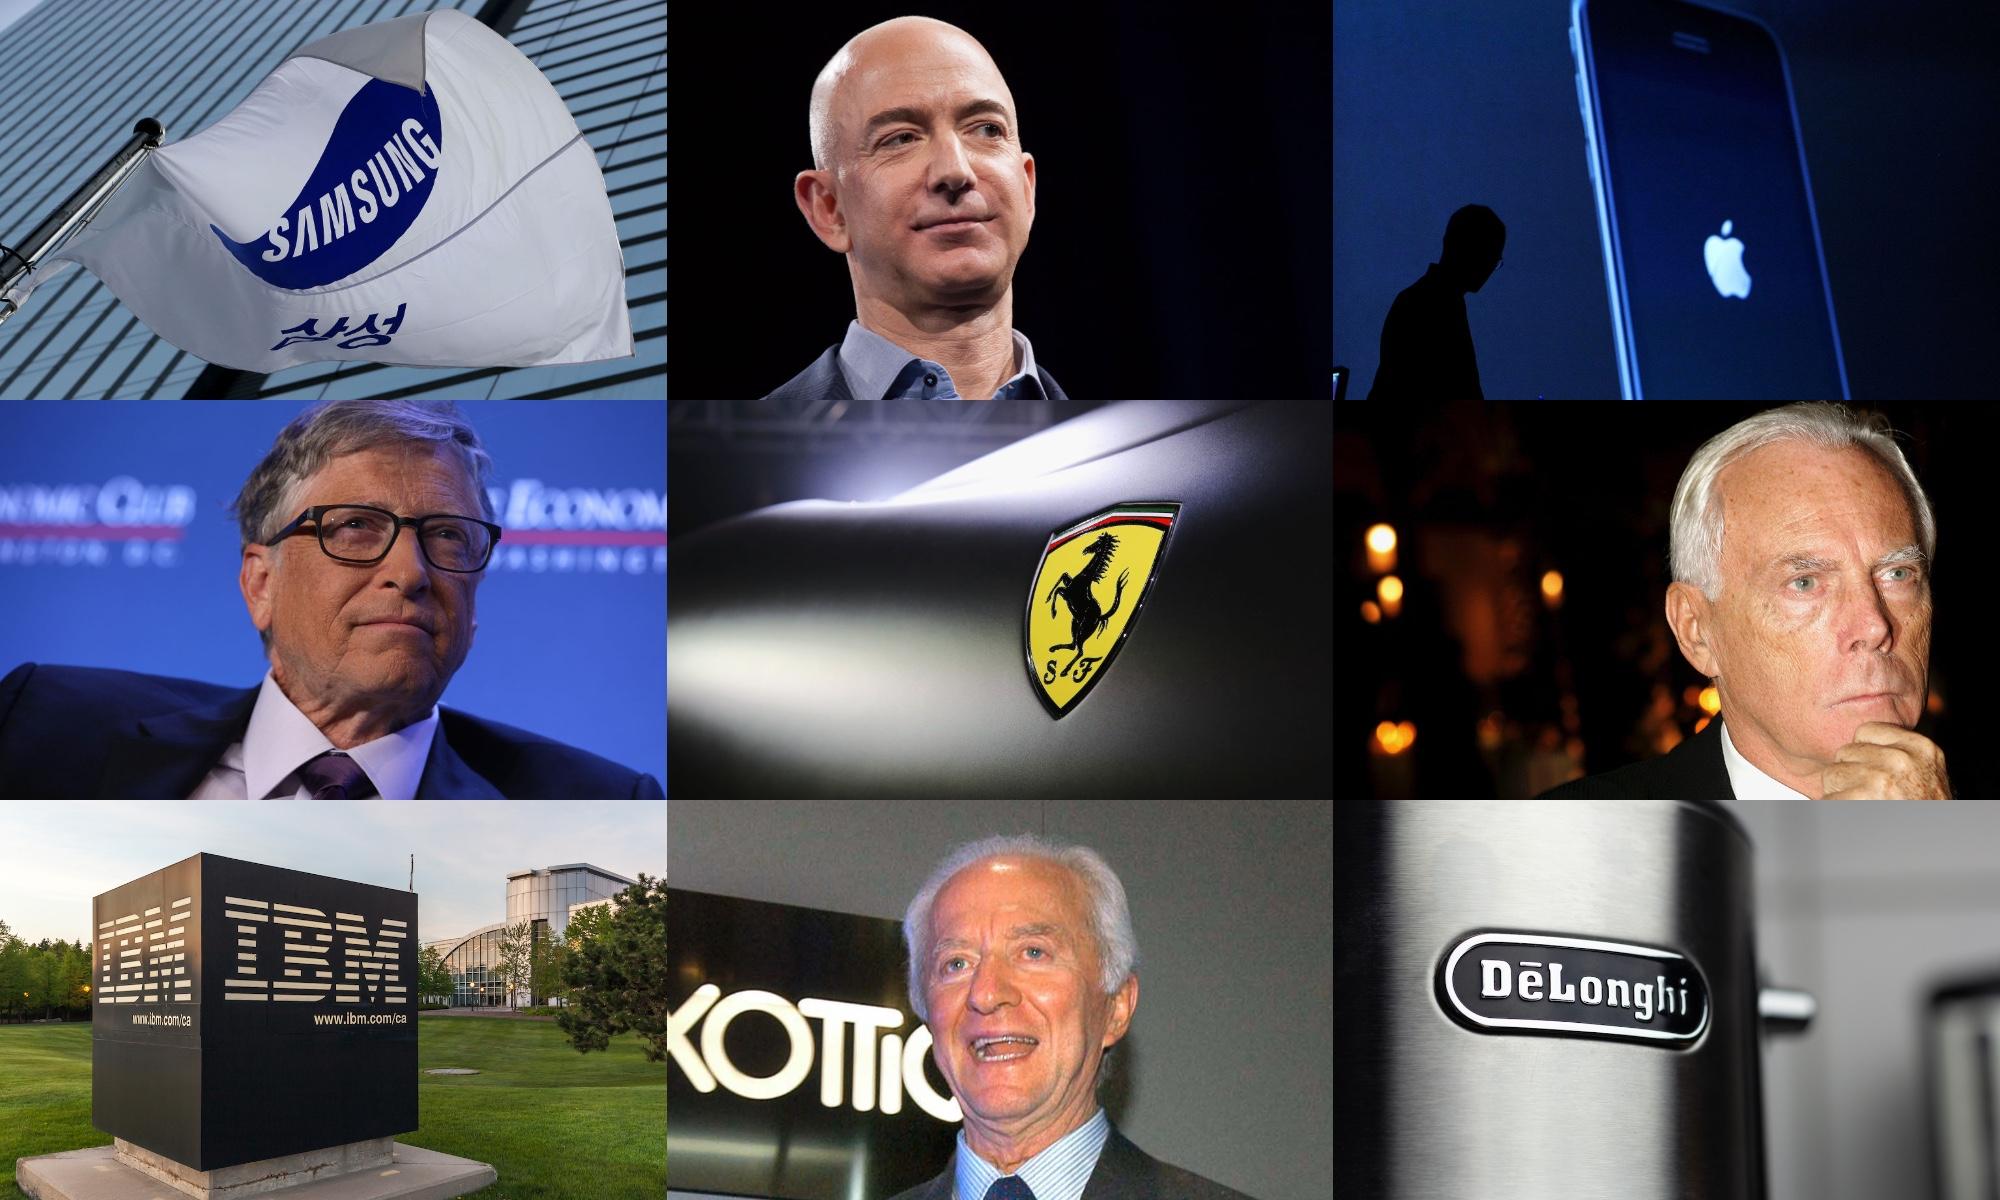 quali-sono-i-migliori-datori-di-lavoro-al-mondo.-in-classifica-24-aziende-italiane